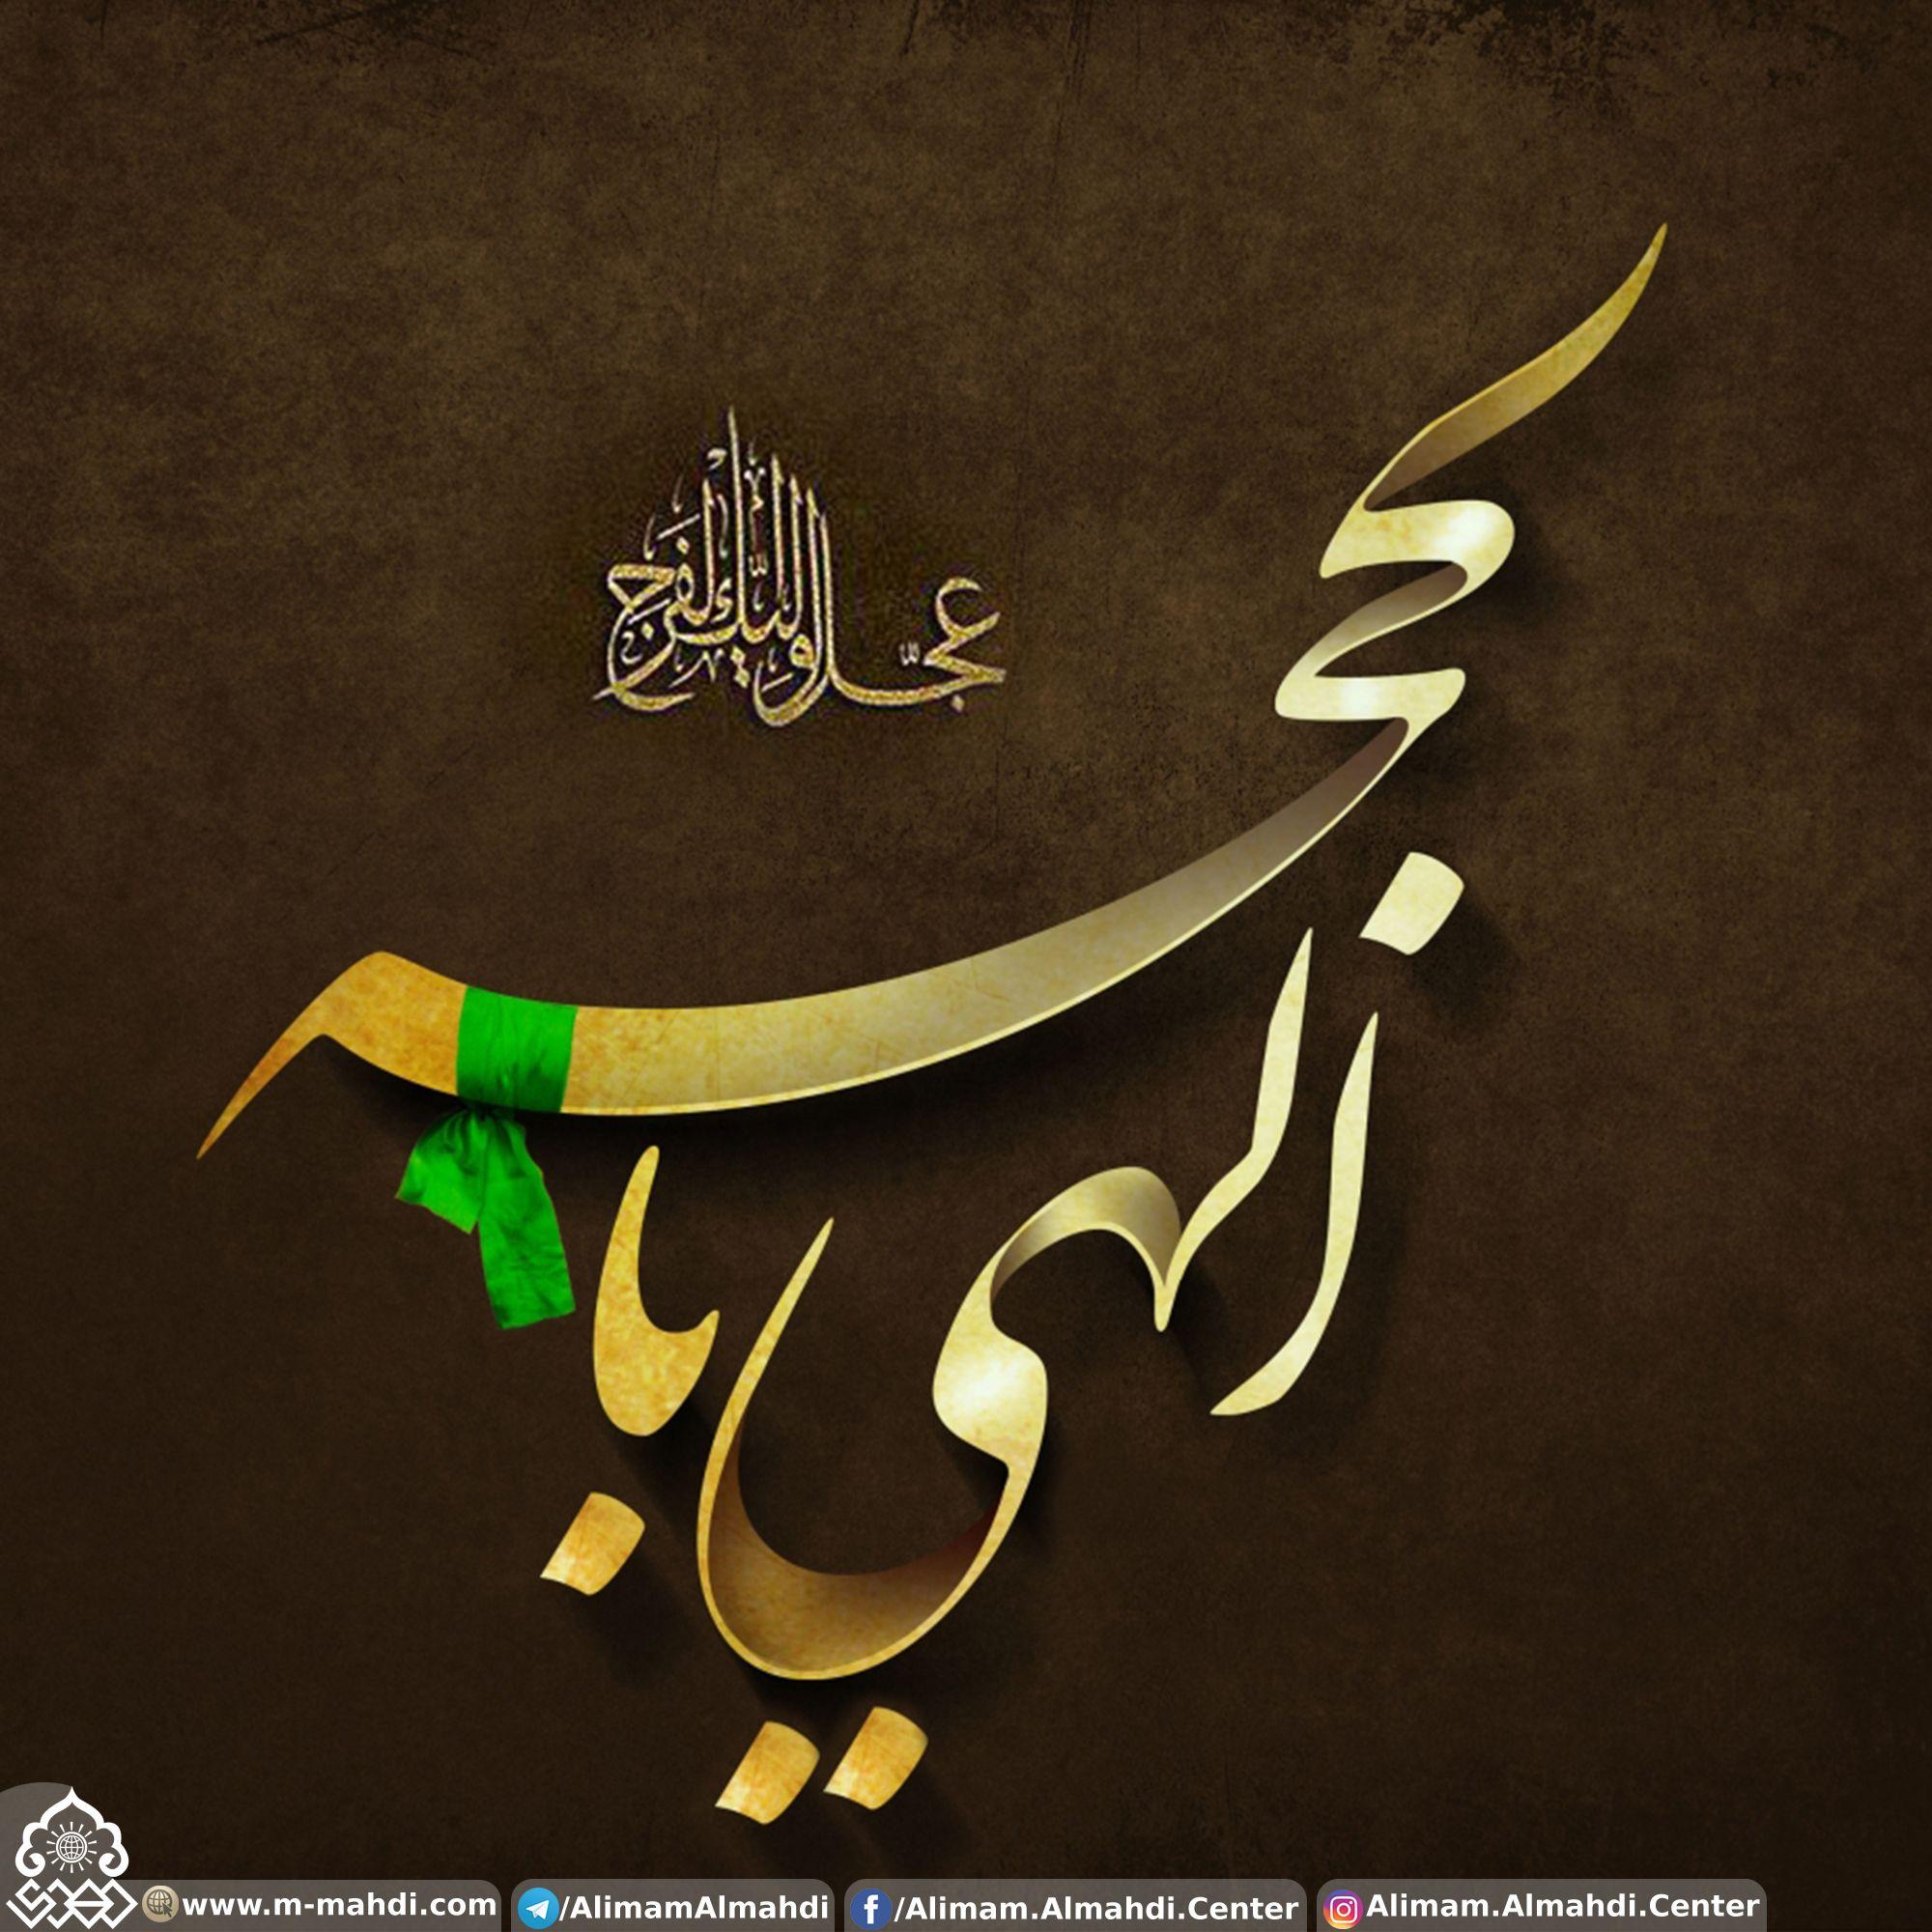 دعاء الفرج Islamic Wallpaper Real Hero Wallpaper